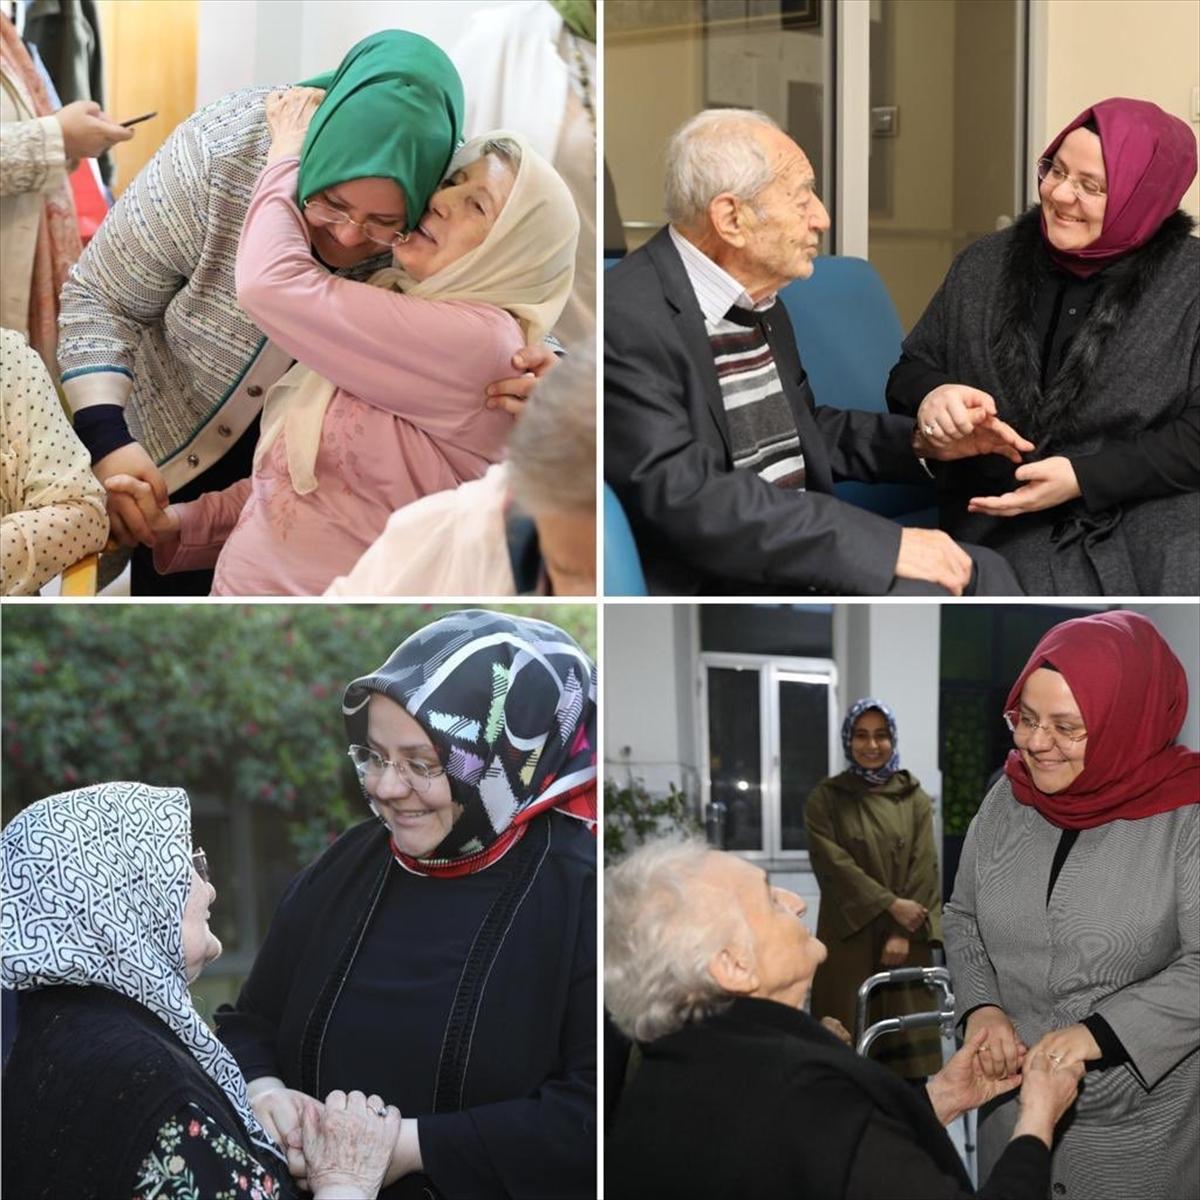 Bakan Zehra Zümrüt Selçuk'tan yaşlılar için anlamlı mesaj: